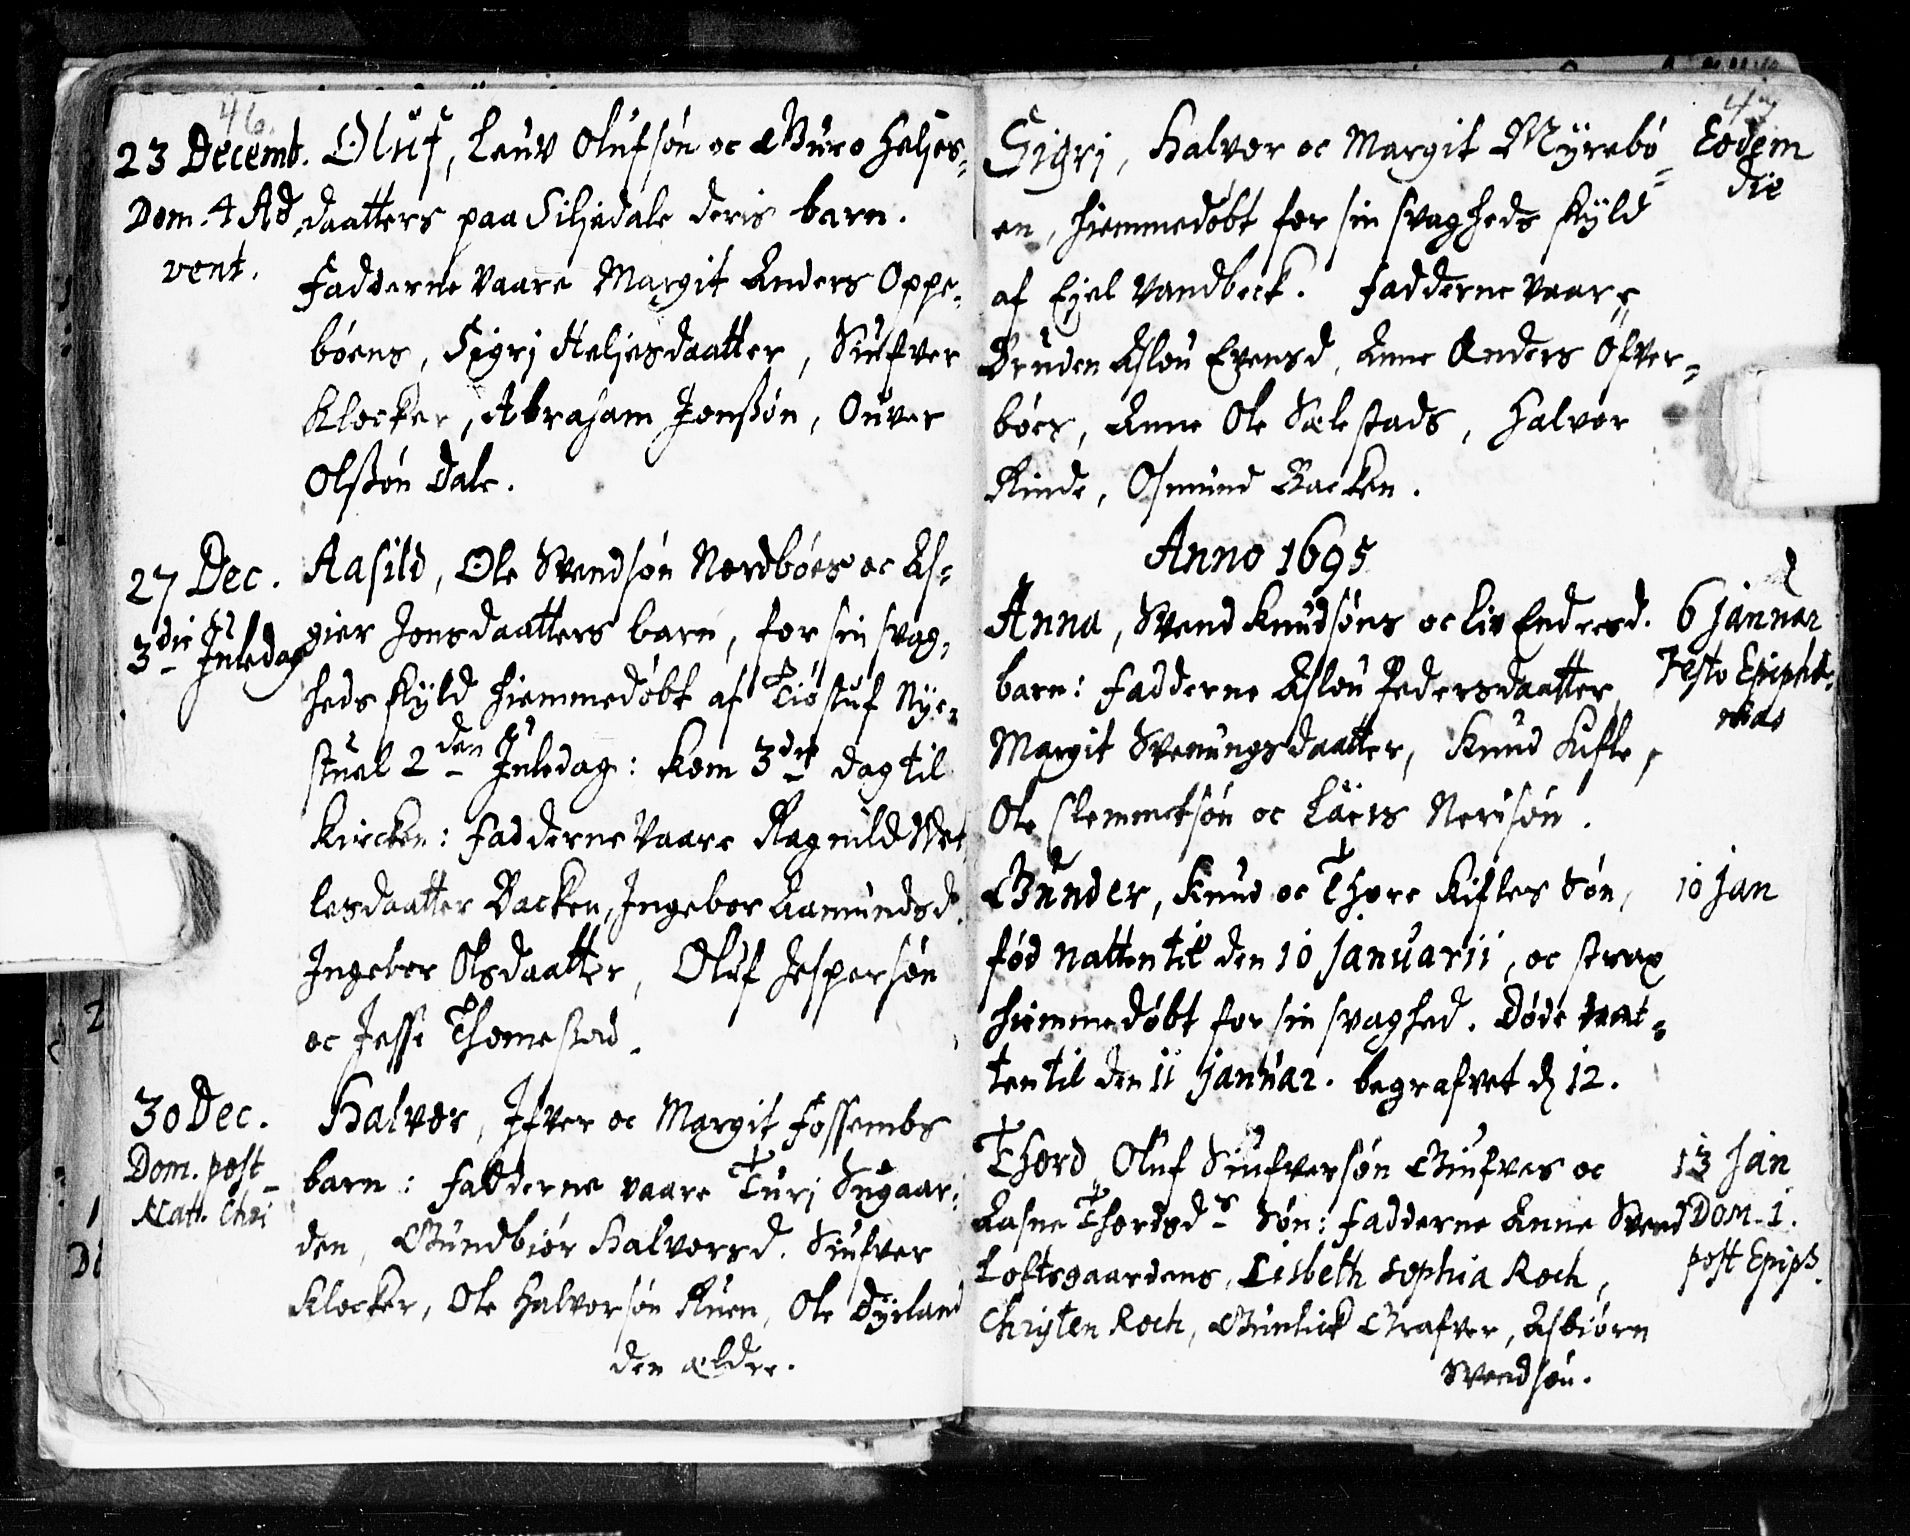 SAKO, Seljord kirkebøker, F/Fa/L0002: Ministerialbok nr. I 2, 1689-1713, s. 46-47